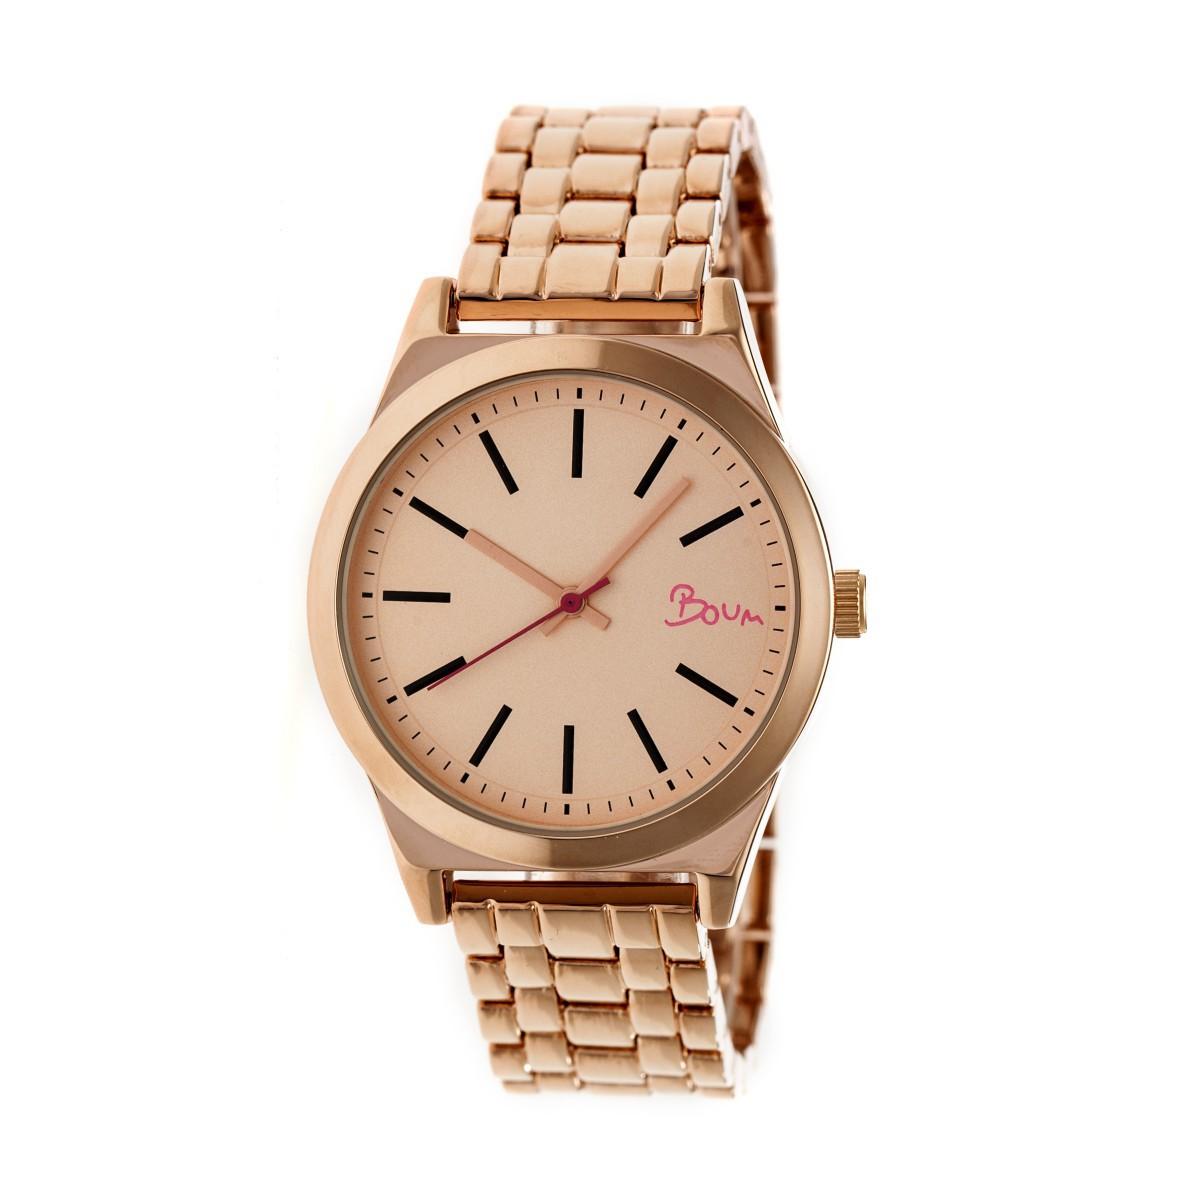 【送料無料】腕時計 エネルギーローズゴールドブレスレットboum energie womens rose gold bracelet watch bm4503